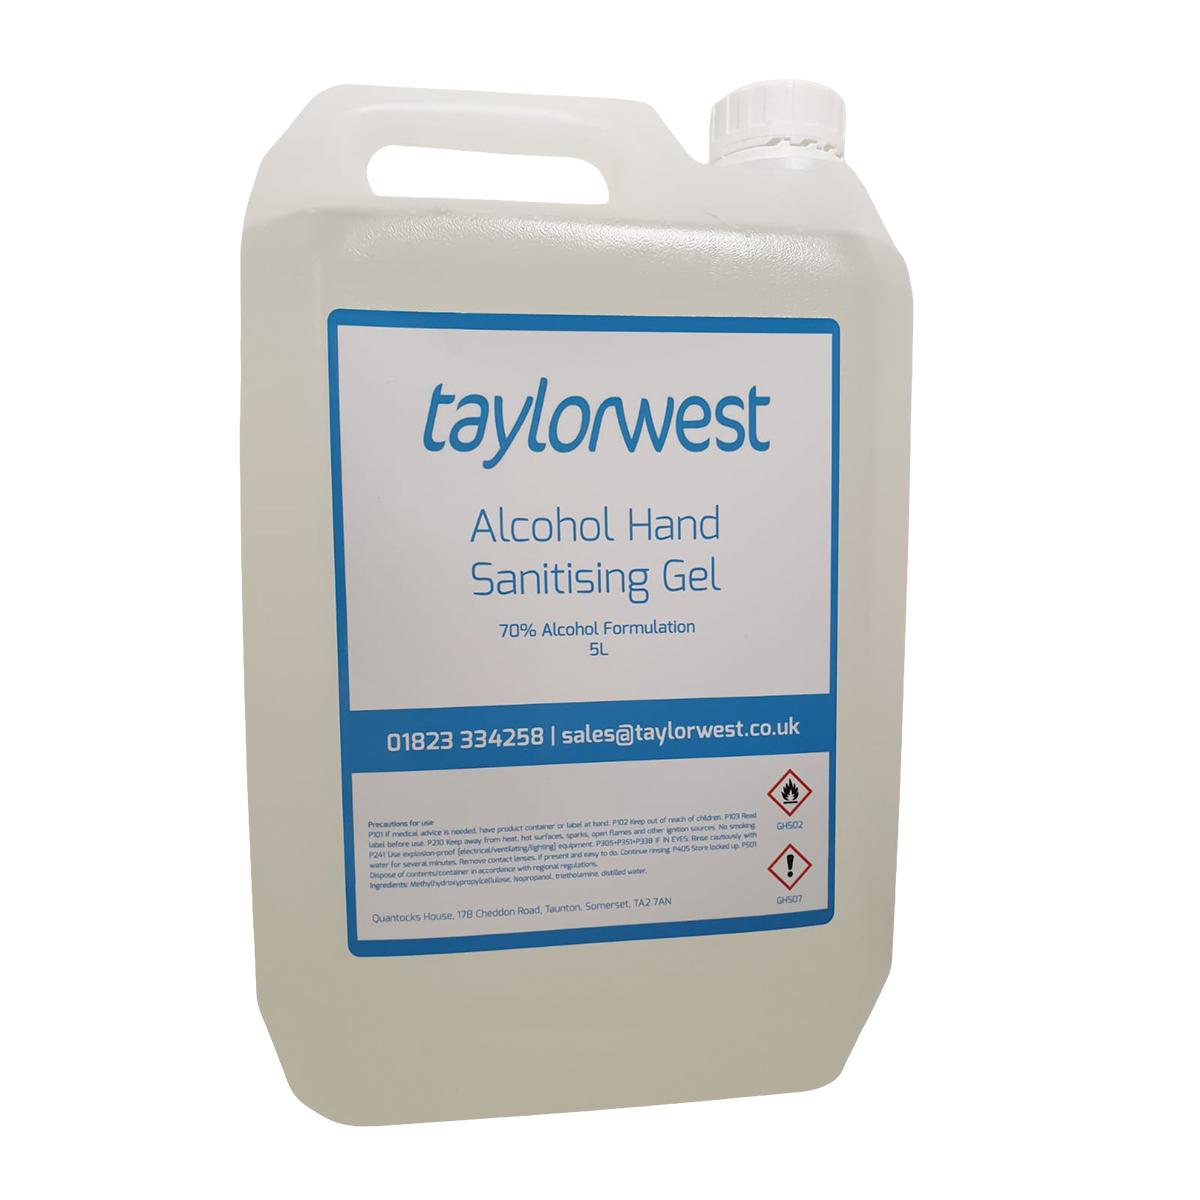 Alcohol Hand Sanitising Gel 5L Bulk Refill